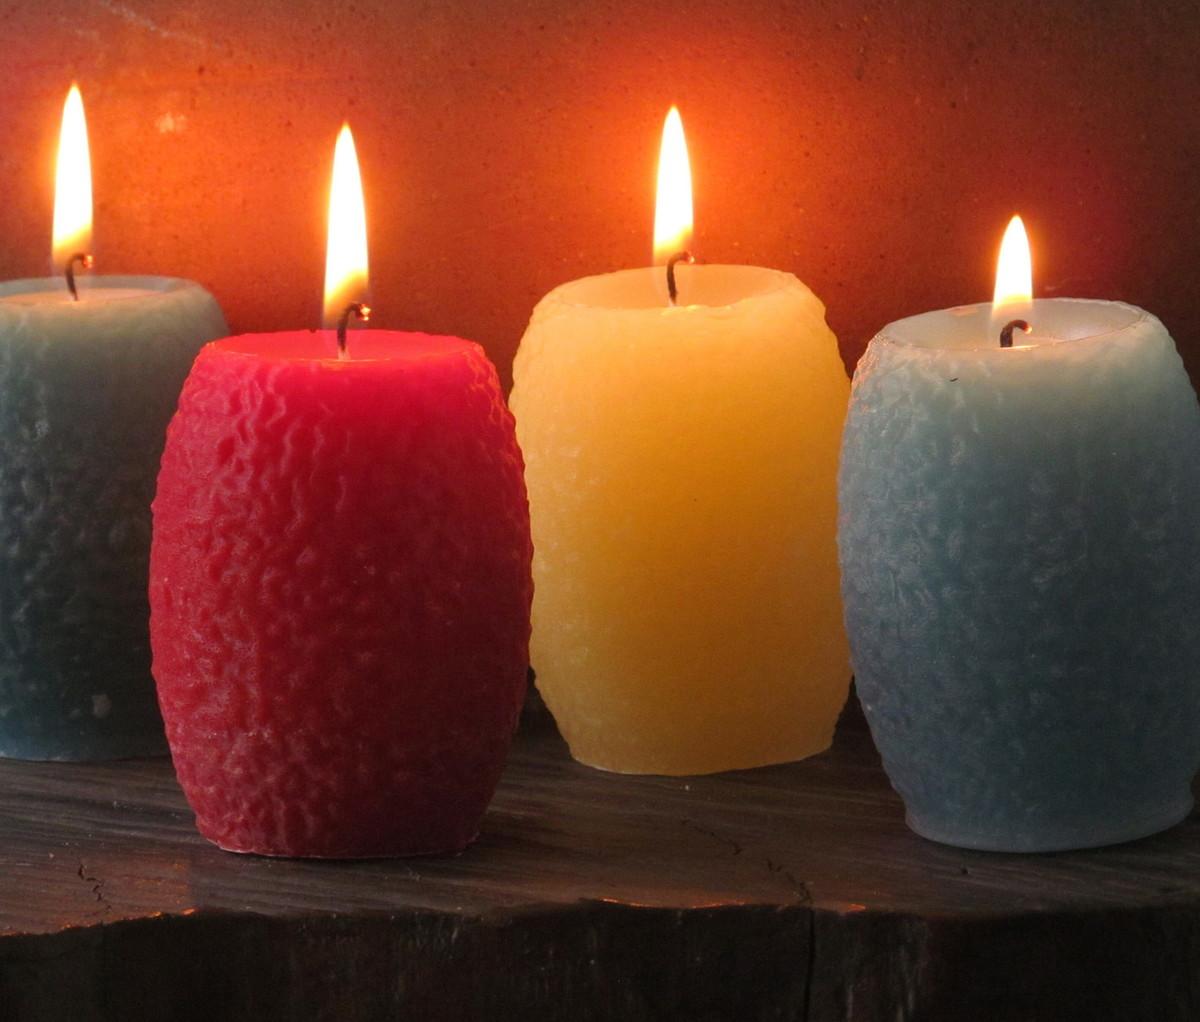 Compra ya tus velas en nuestra web, disponemos de todas las variedades de colores, formas posibles. Velas de Cumpleaños. Velas de Navidad. Velas Grandes. Velas Originales. Encontrarás toda clase de vela tanto para el mundo de la decoración de eventos como para la decoración de tu casa o para la elaboración de un regalo, encontrarás.